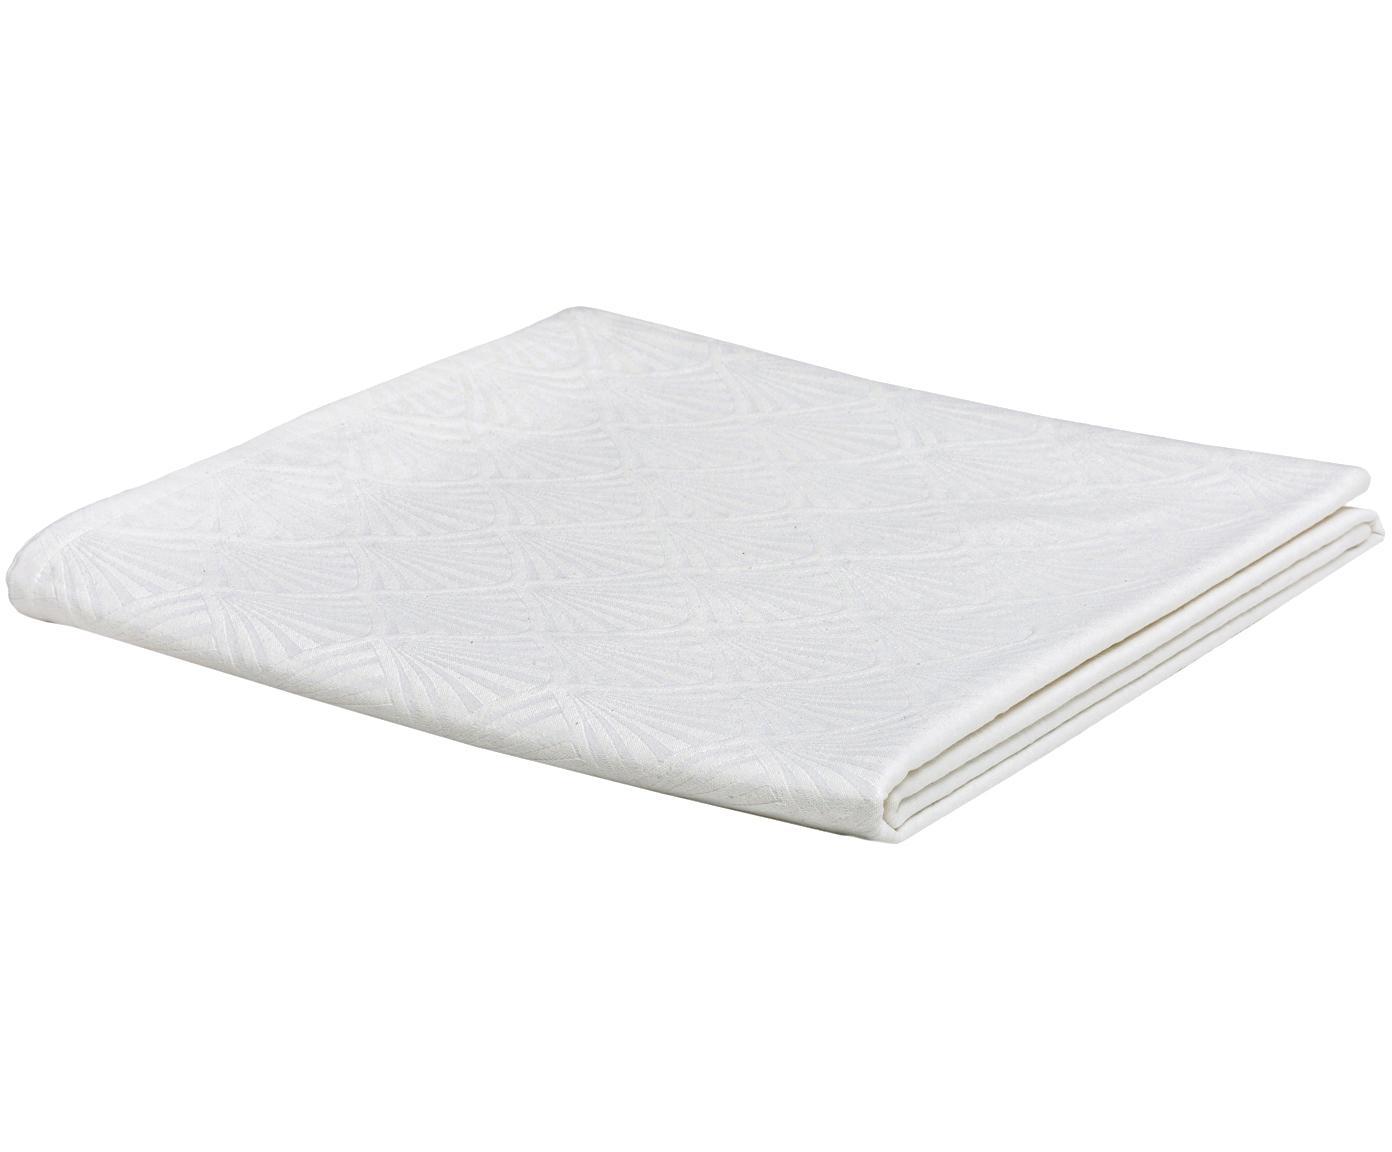 Tafelkleed met patroon Celine, Weeftechniek: jacquard, Wit, Voor 2 - 4 personen (B 150 x L 150 cm)